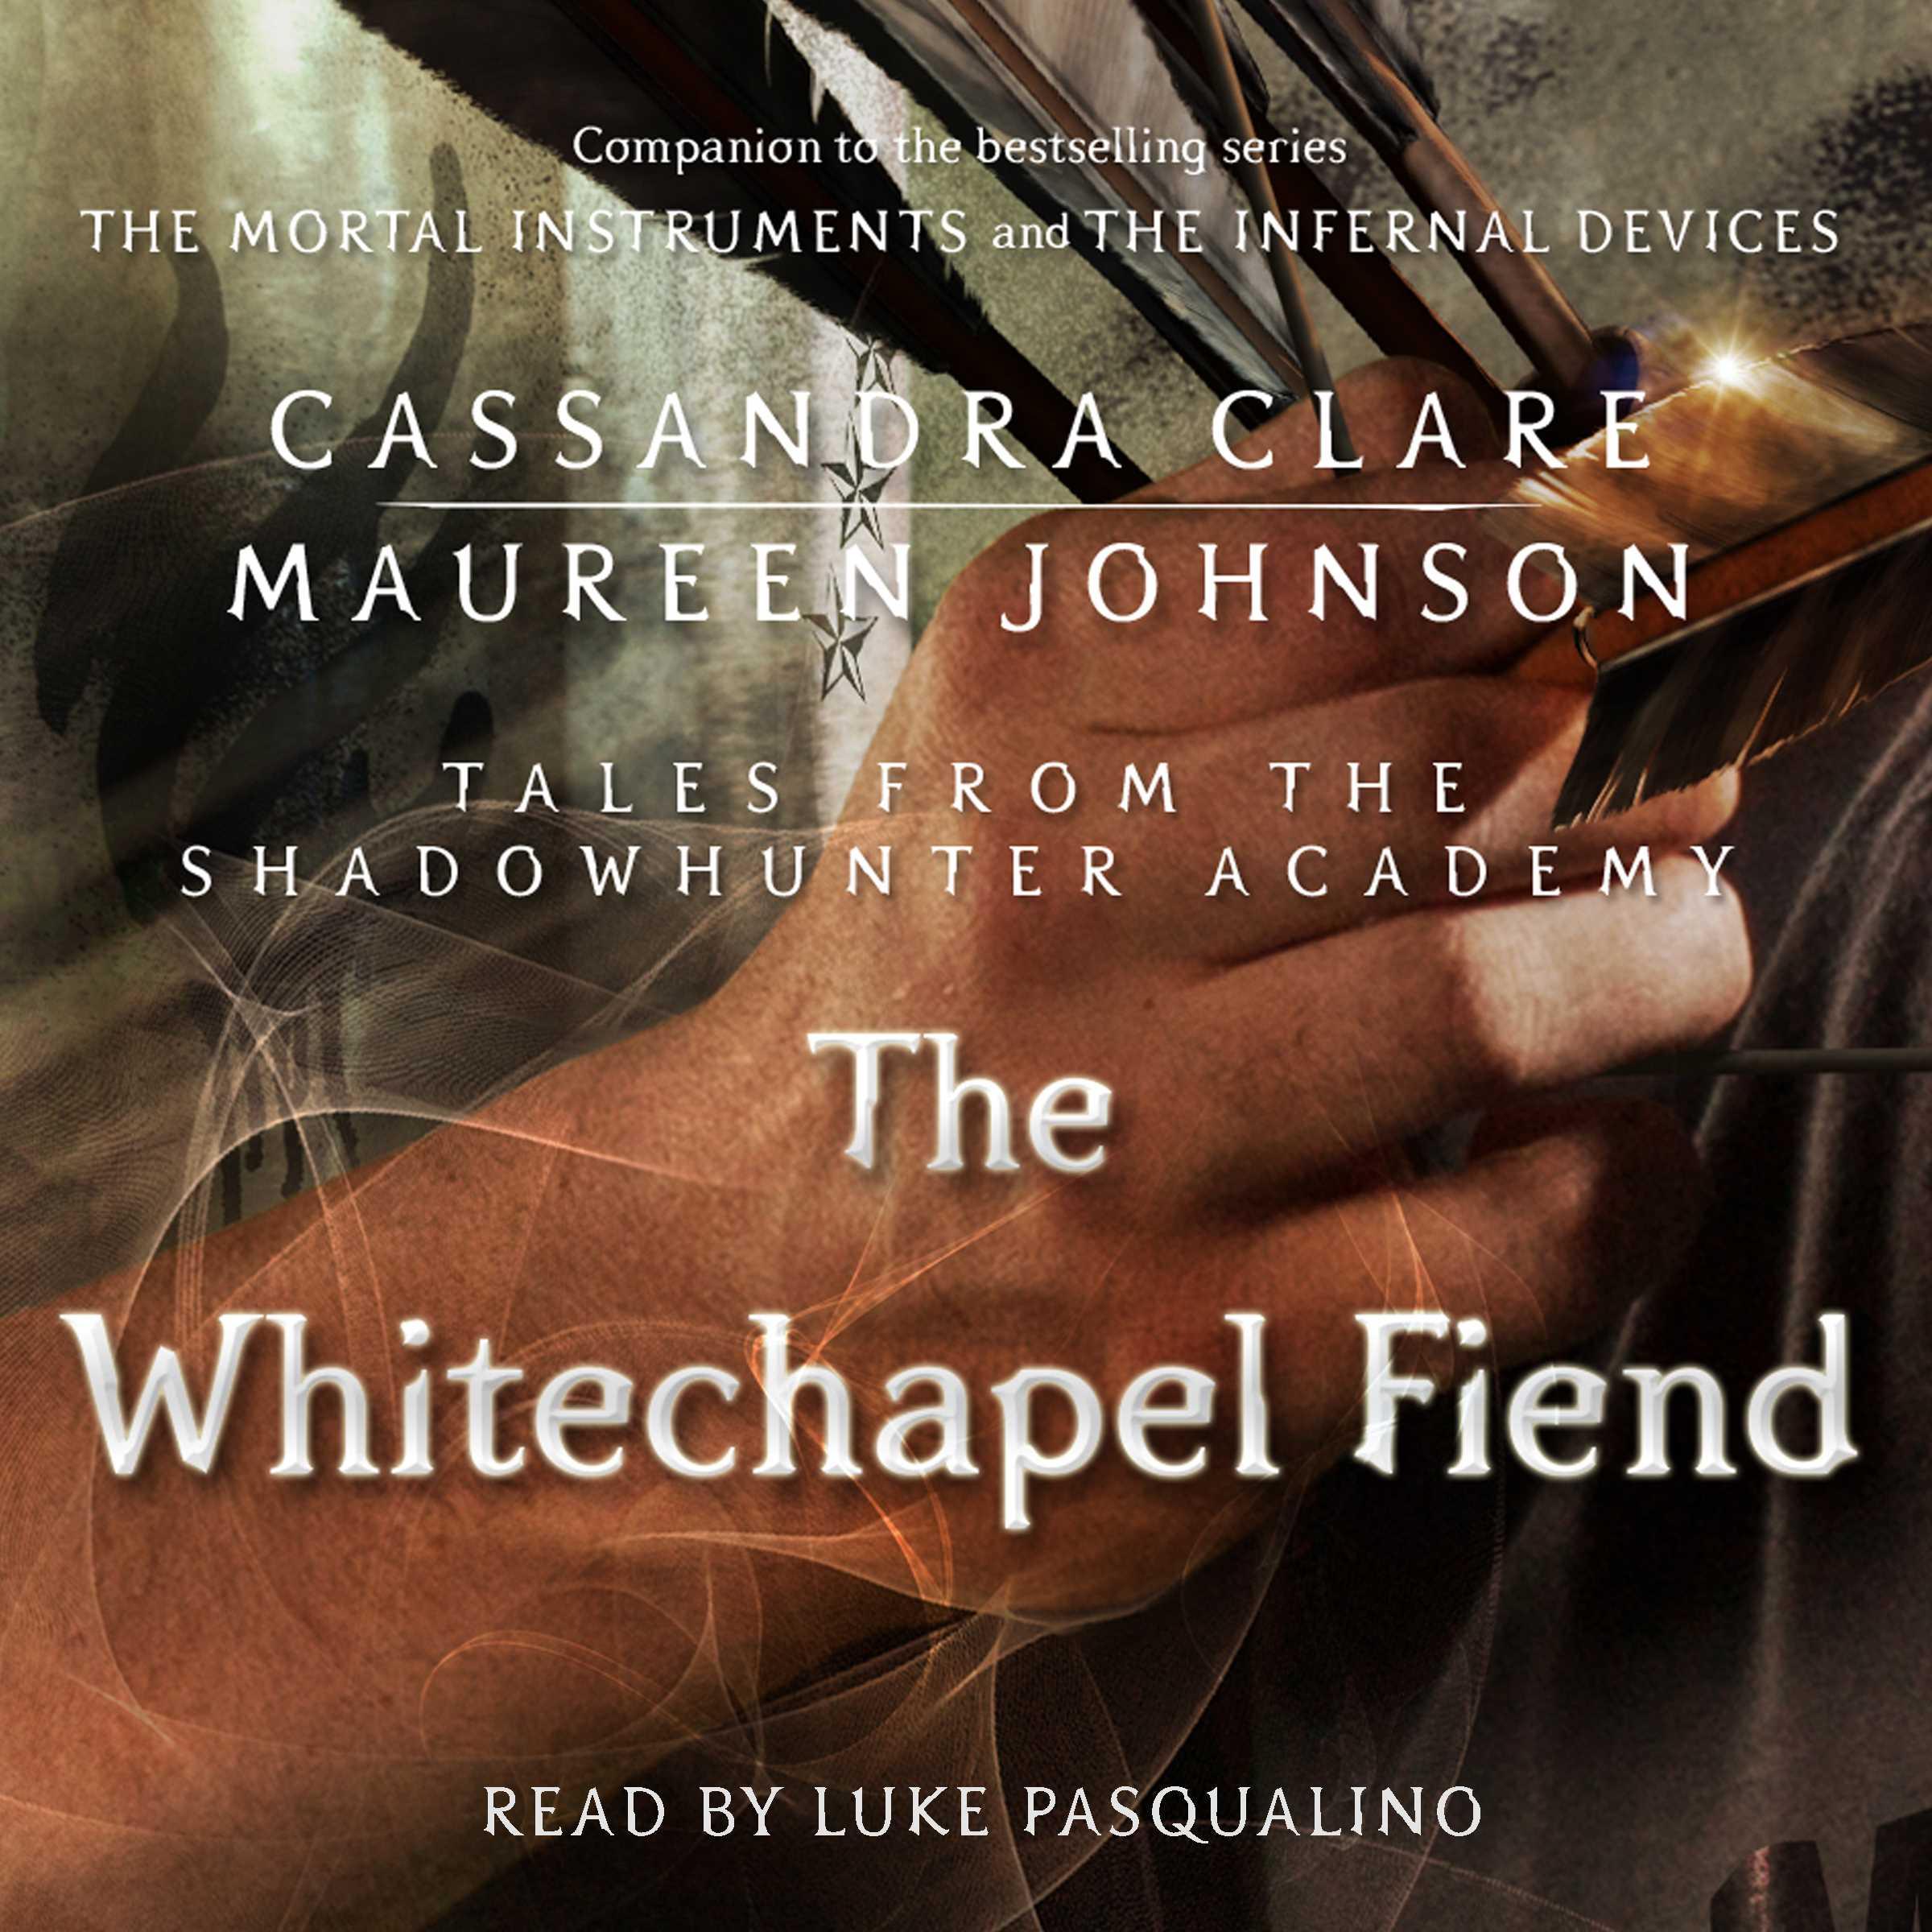 The whitechapel fiend 9781442383999 hr